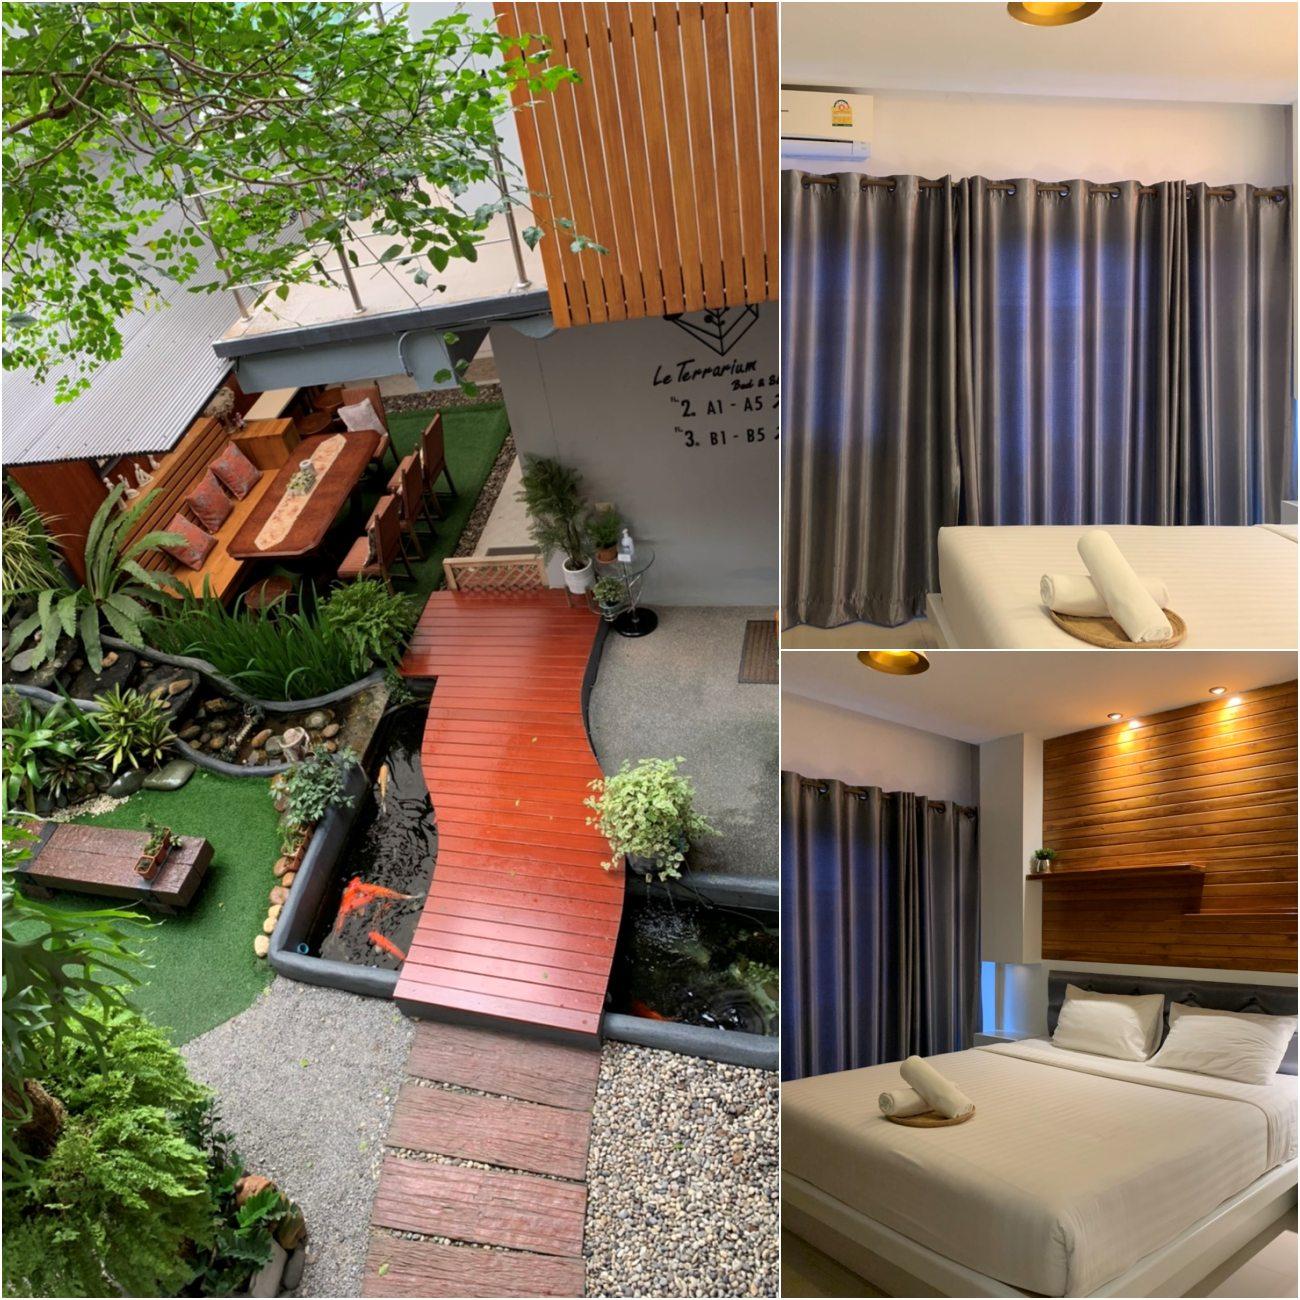 Le terrarium hotel โรงแรมอยู่ในตัวเมือง เดินทางสะดวกที่พักสะอาด มีไวไฟและที่สำคัญราคาไม่แพงอีกด้วยย